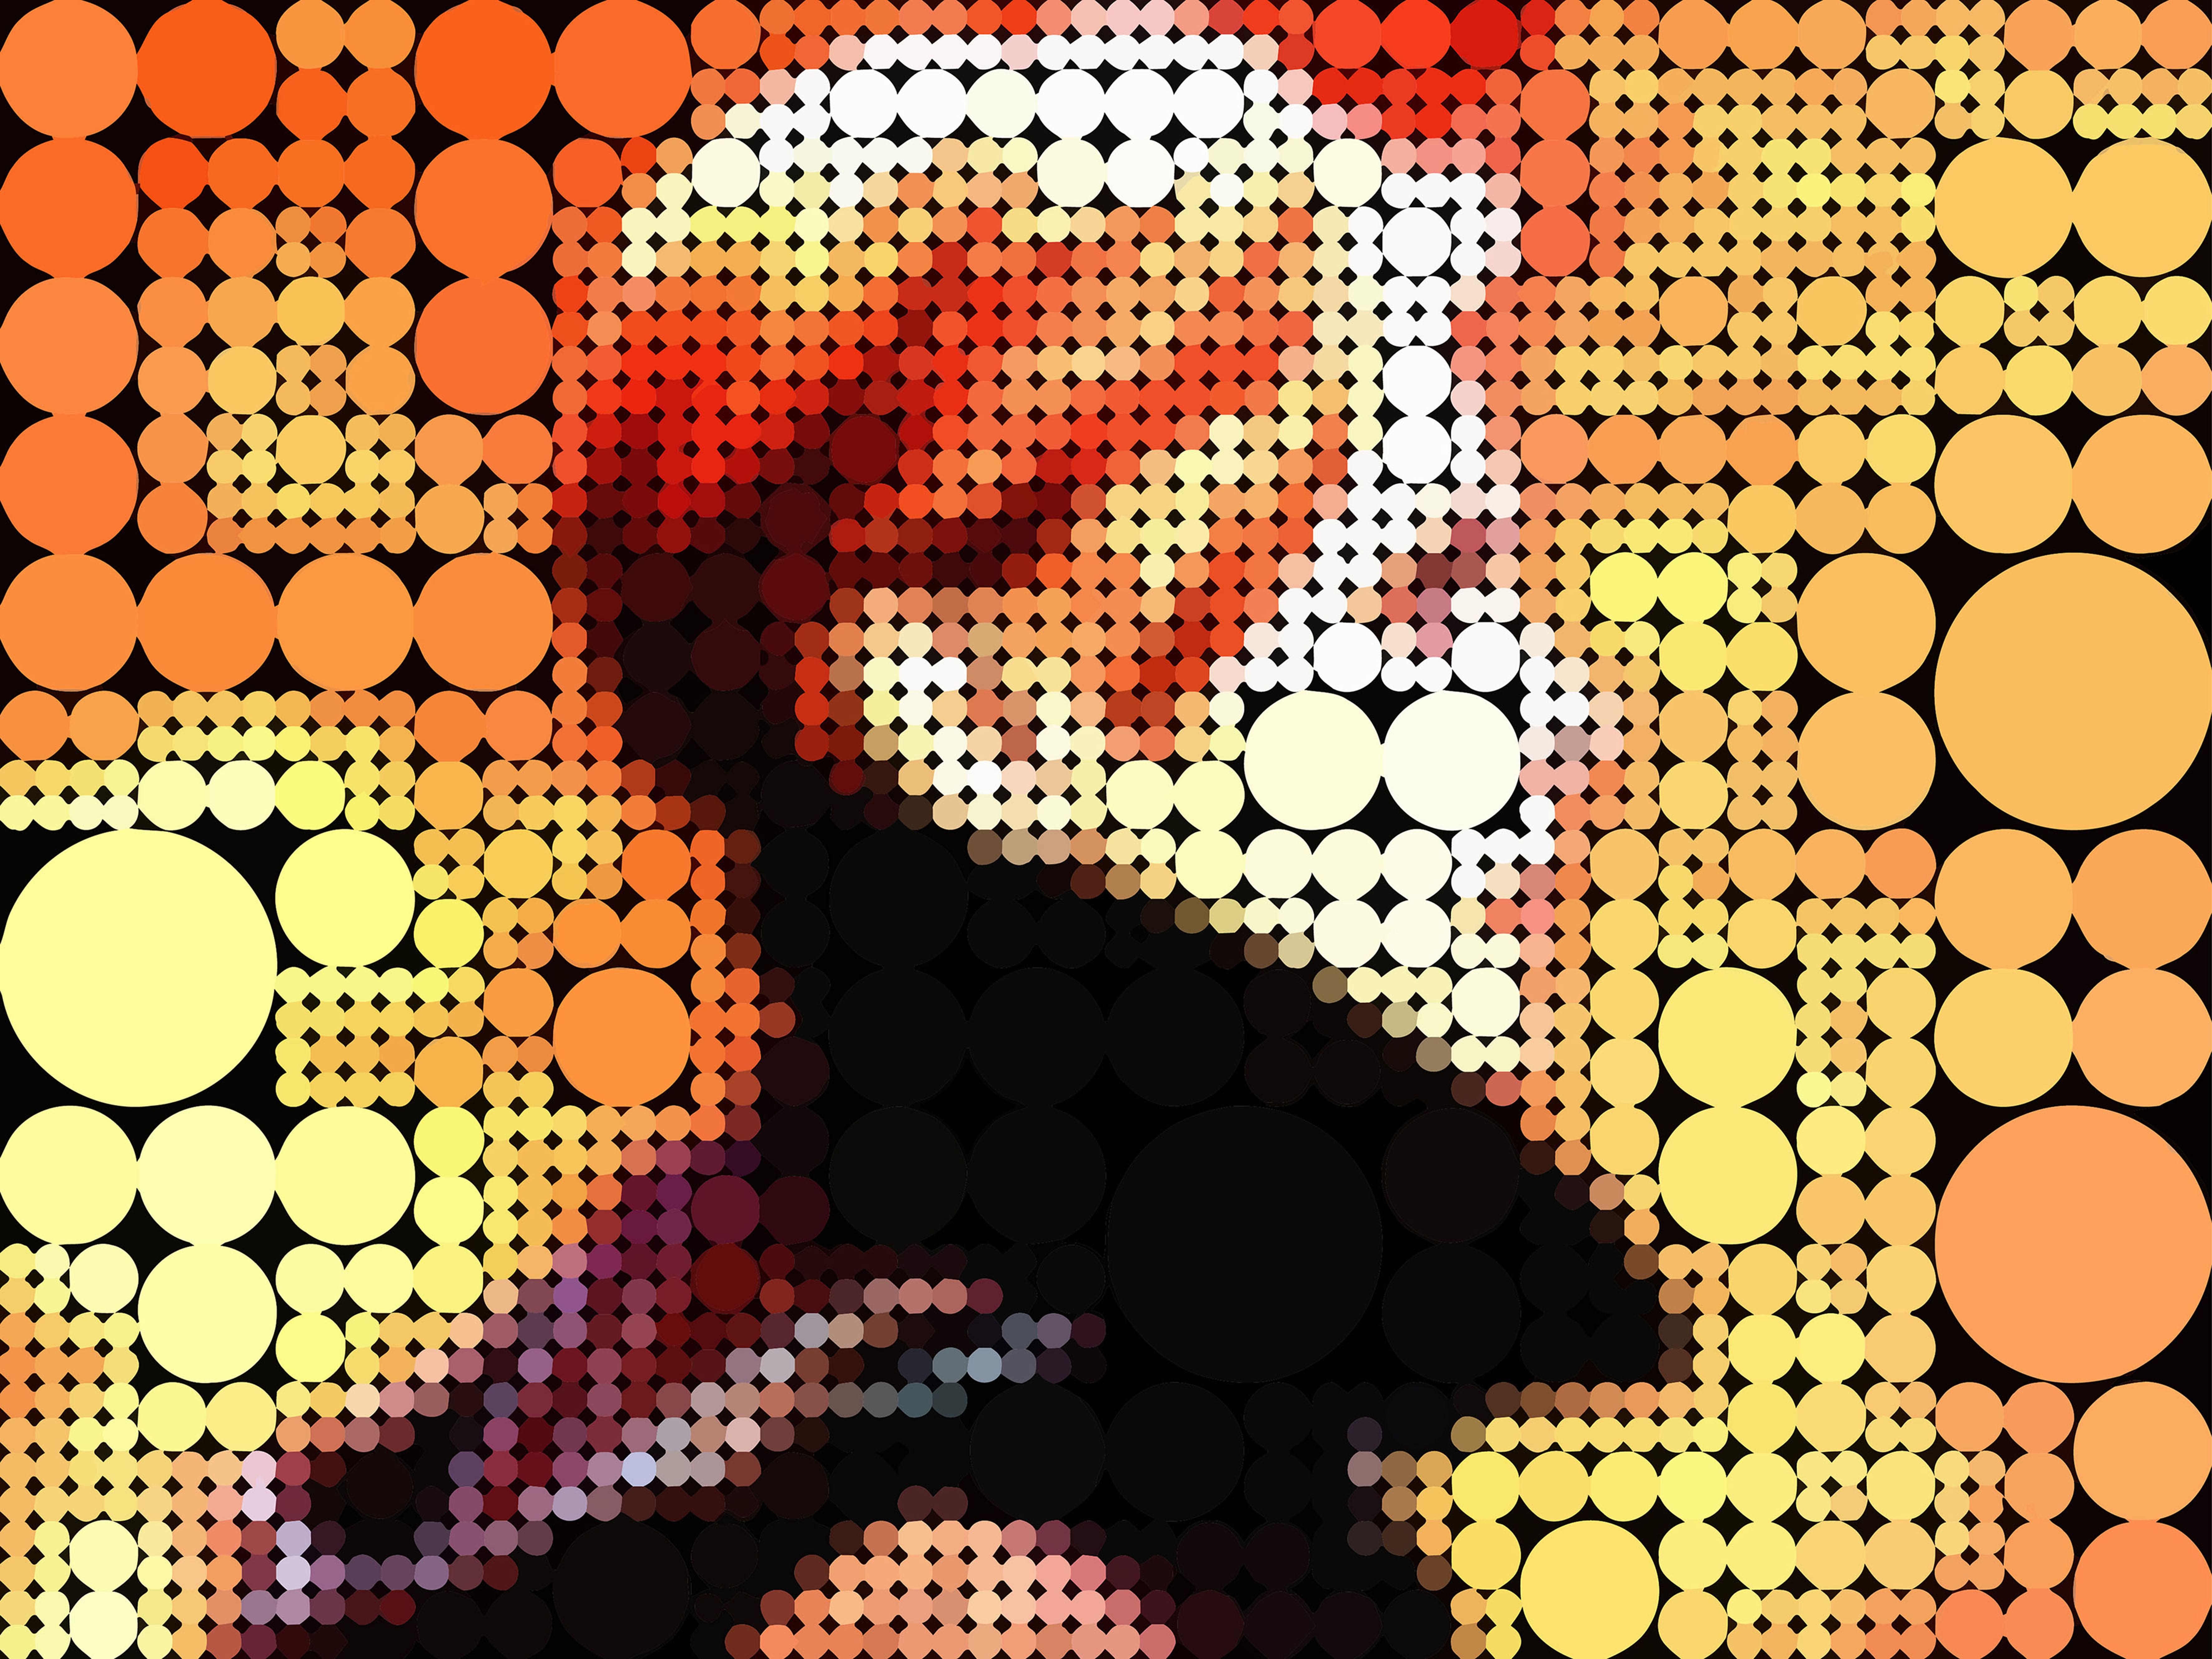 Bowie_Low_Dots_300dpi